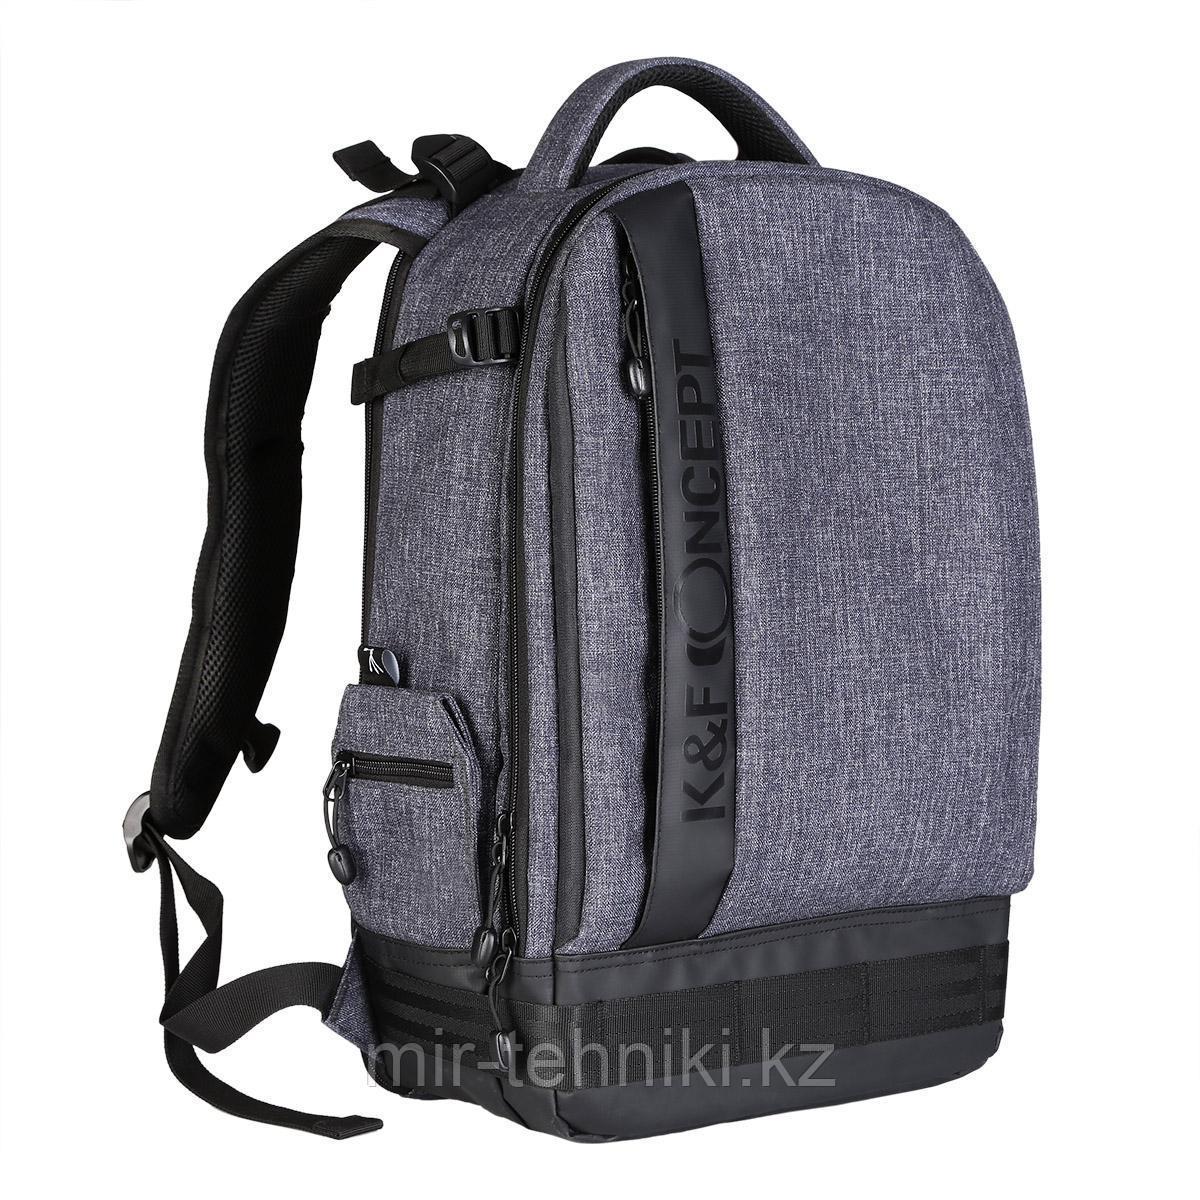 K&F Concept Large DSLR Camera Backpack for Travel L (KF13.044)